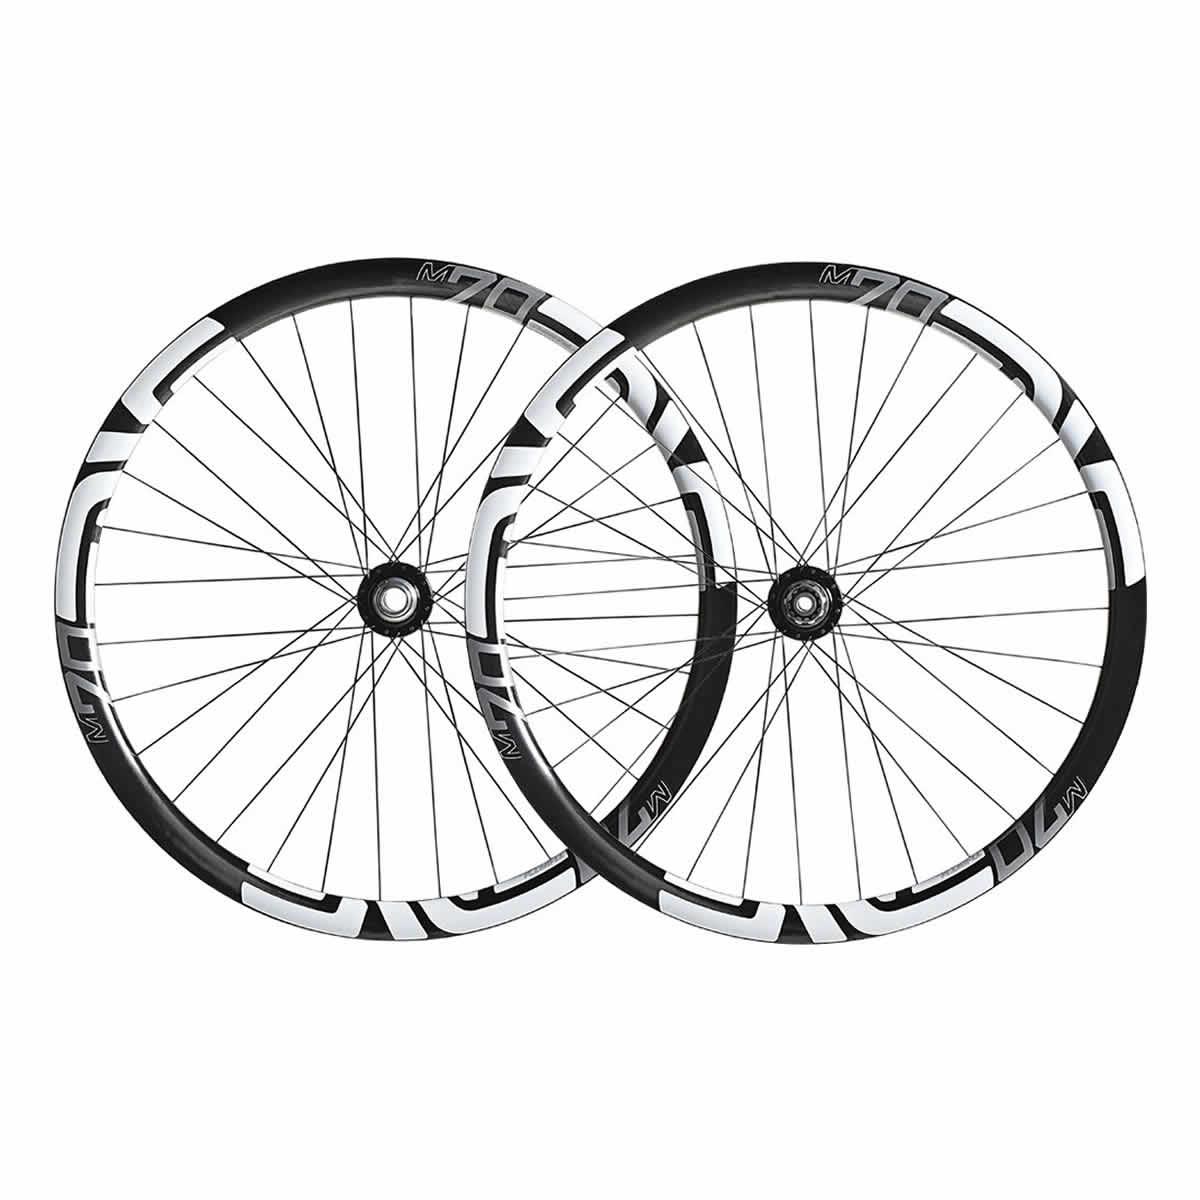 ENVE/DT Swiss M70/240S HV Carbon Fiber Wheel Set